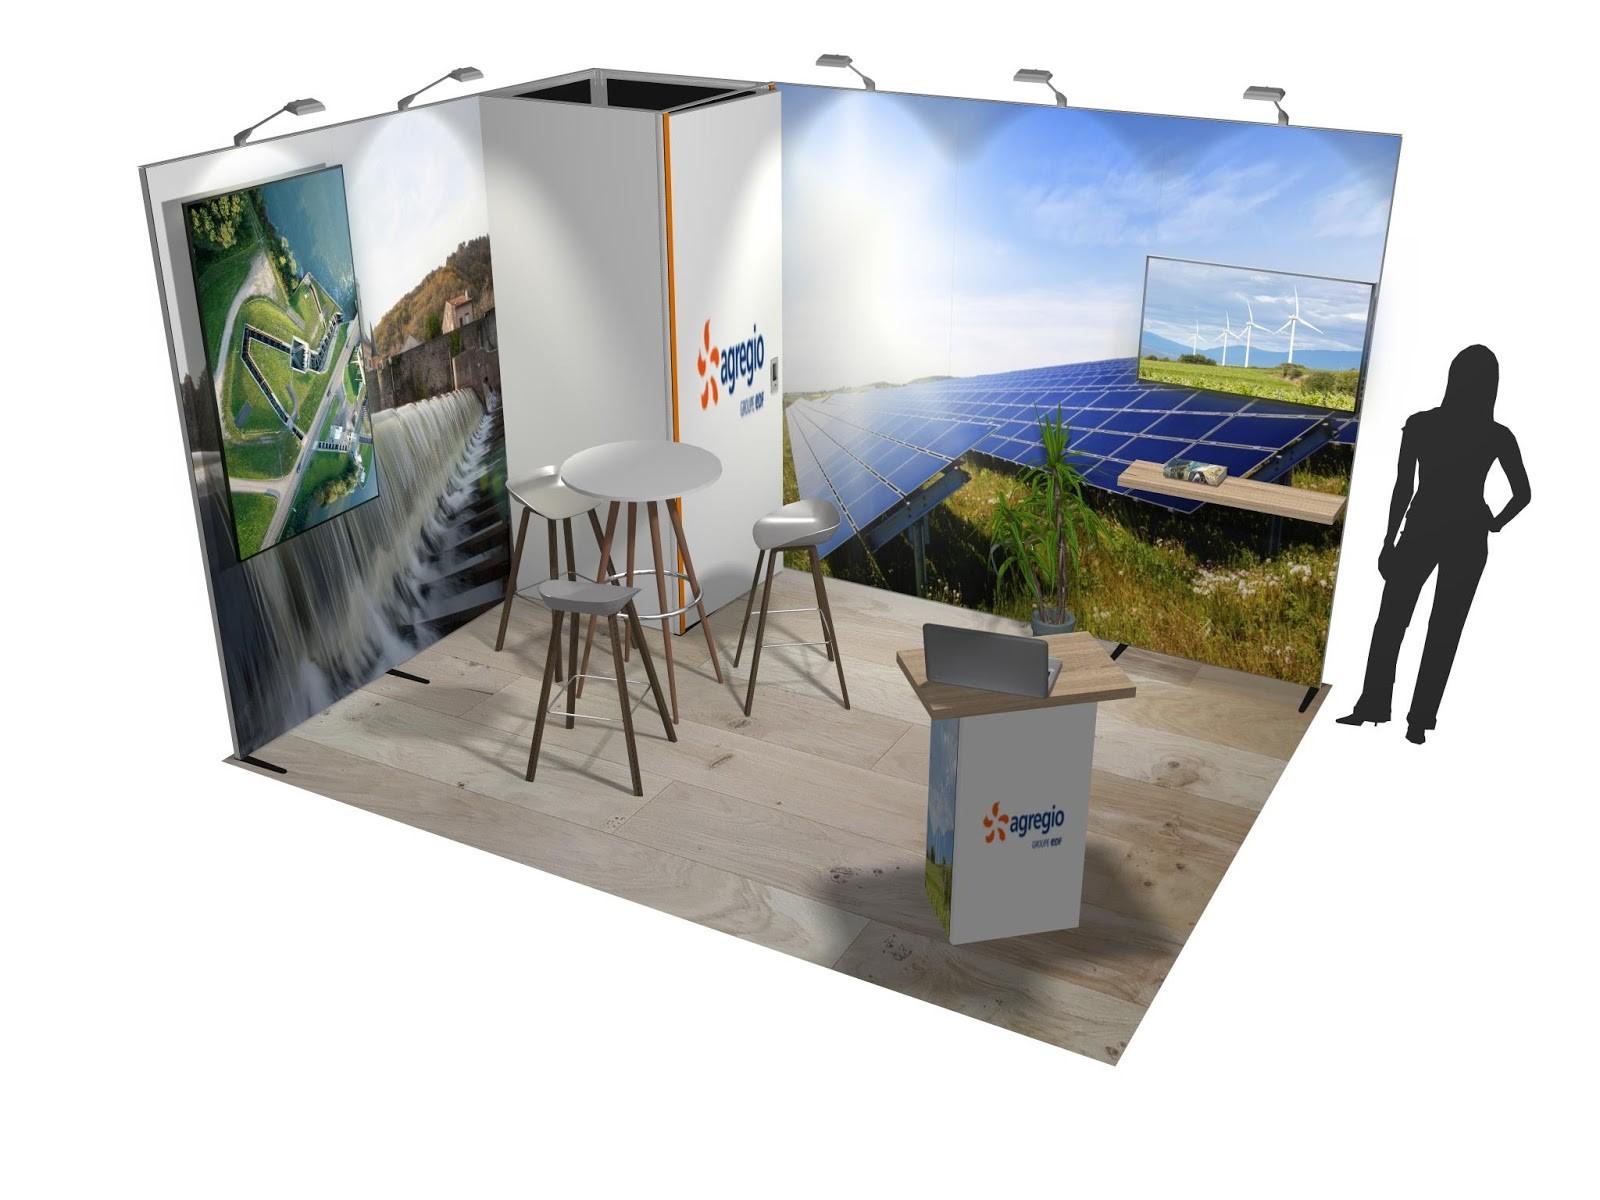 Stand sur-mesure AGREGIO pour plusieurs expositions sur toute la France